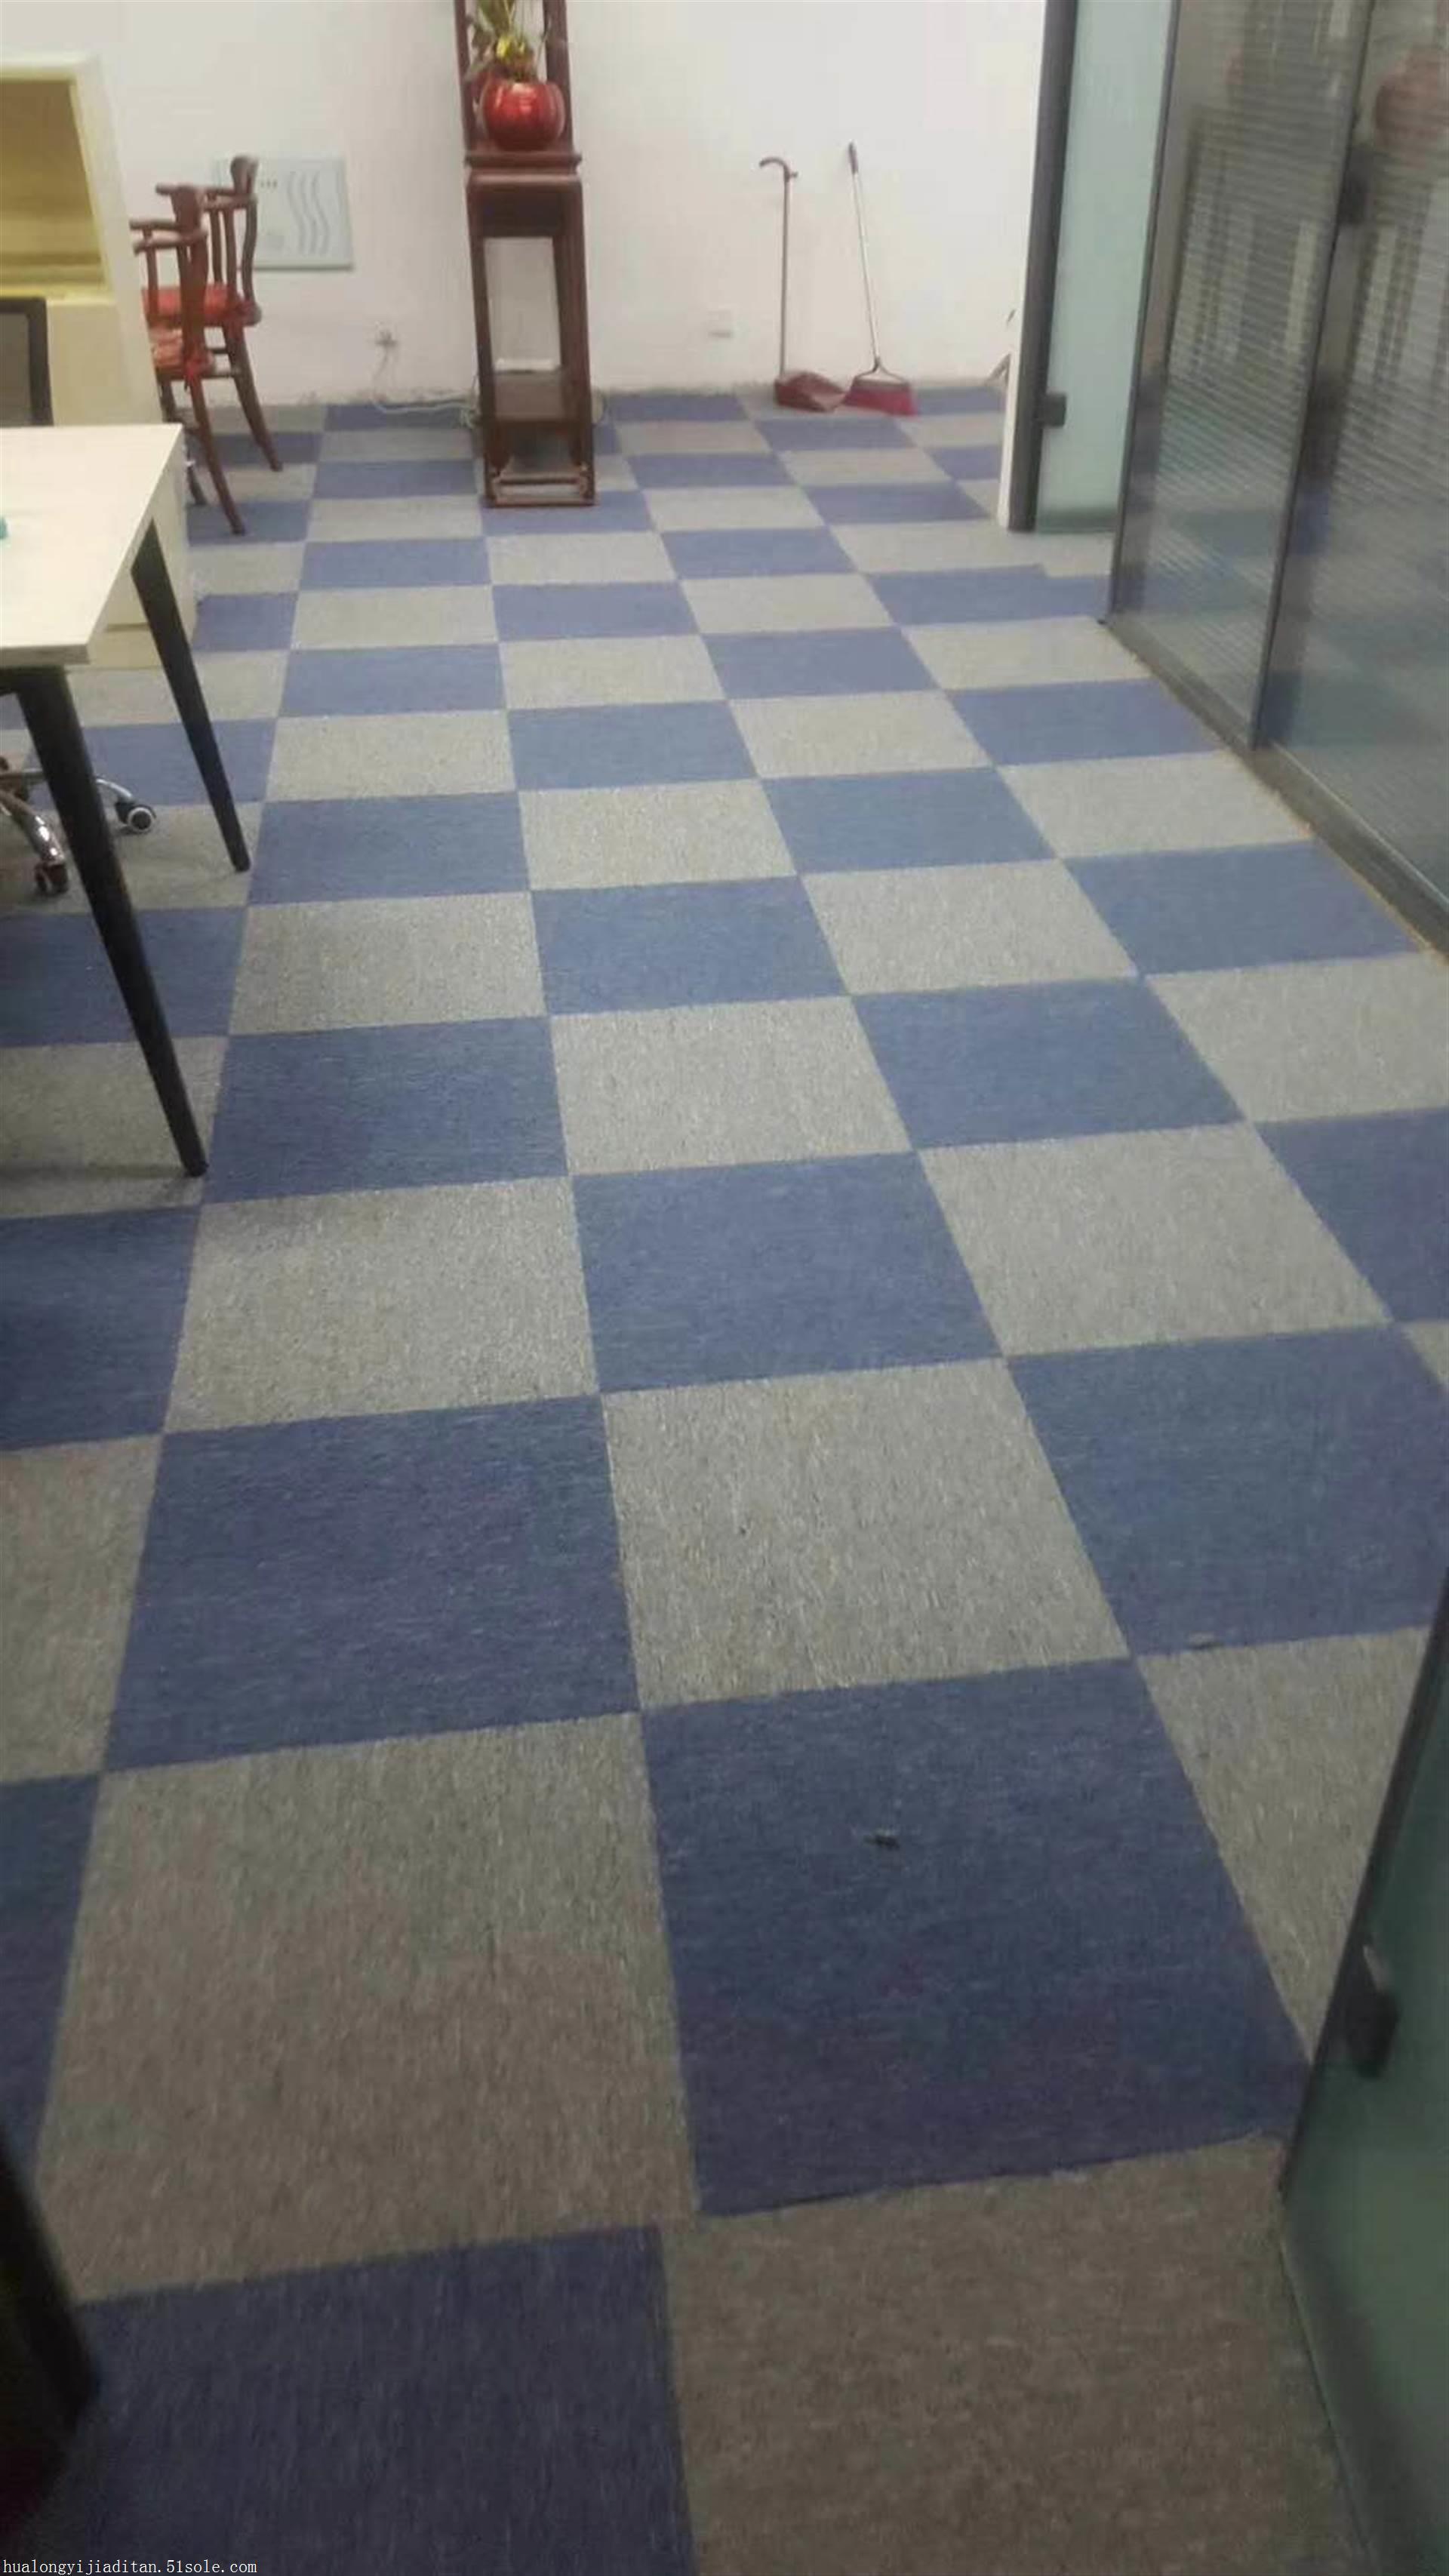 拼块地毯现货销售,铺装欢迎选购,地毯价格优惠